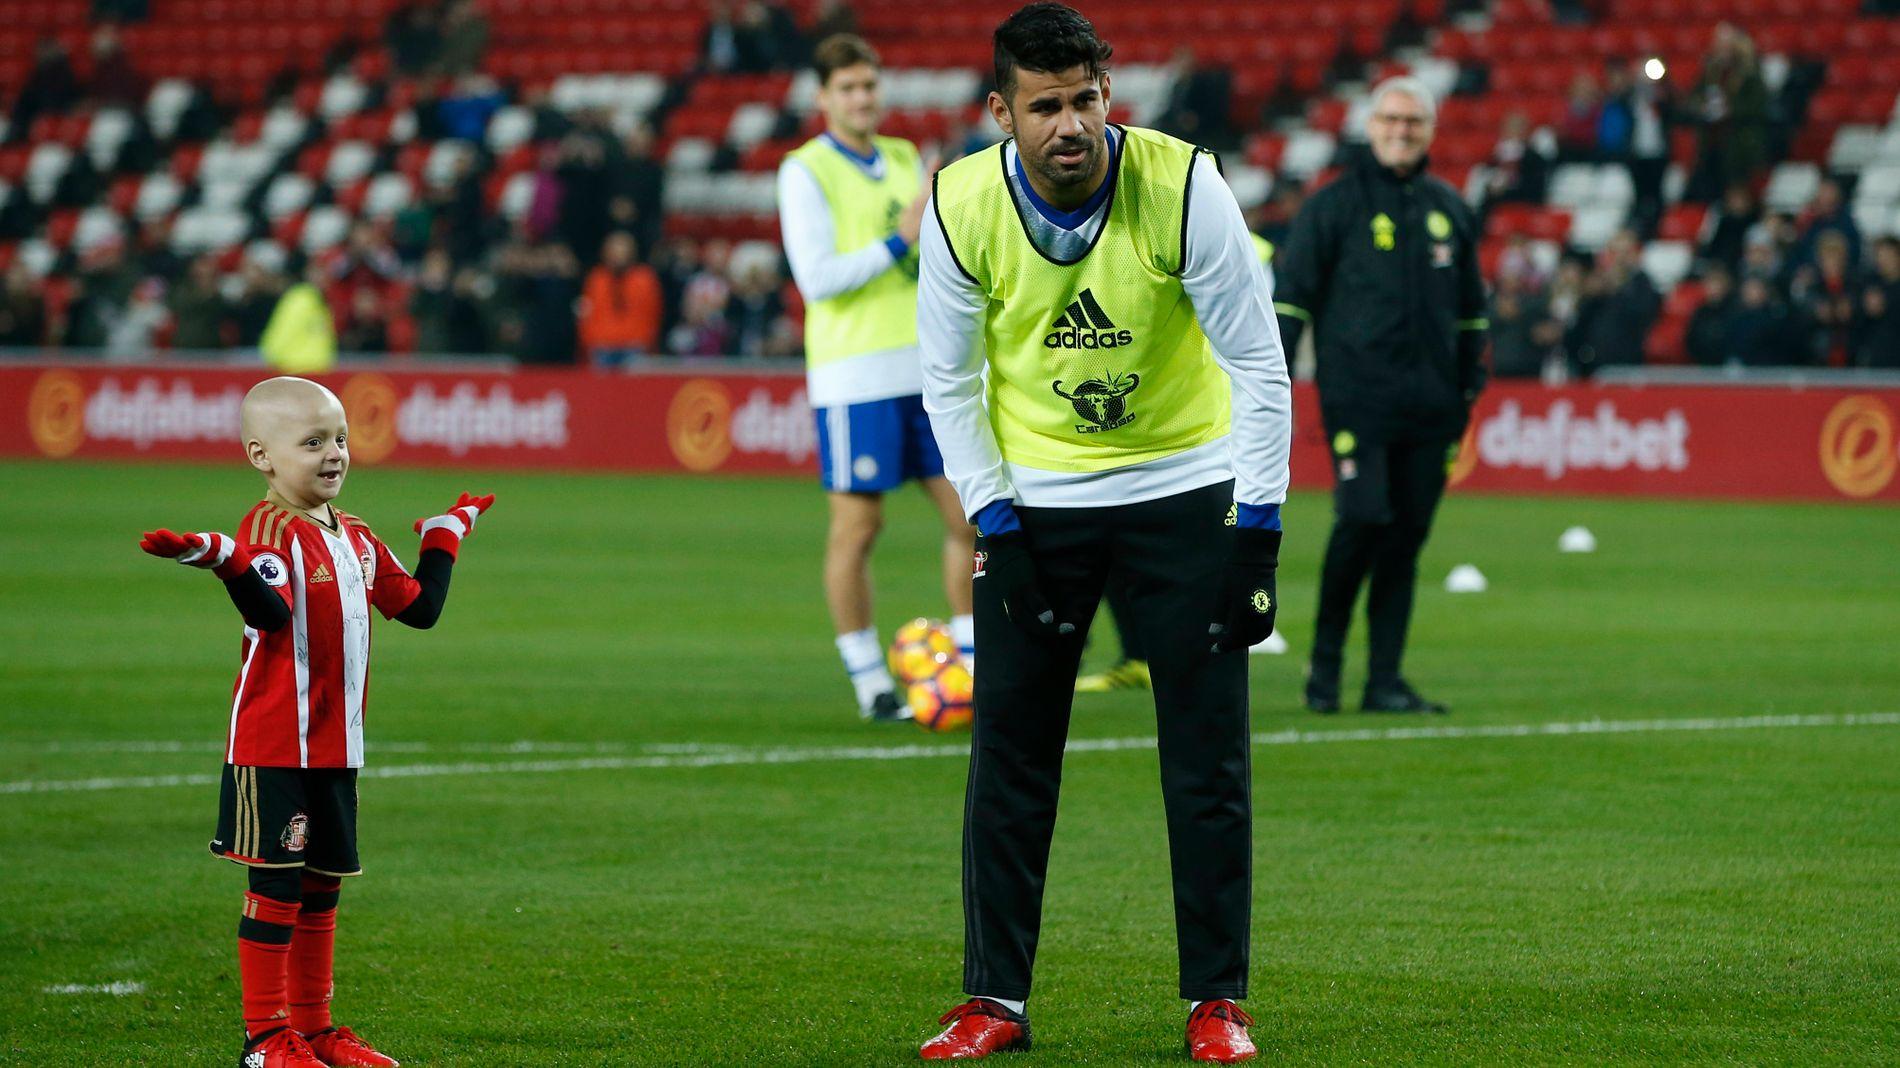 HELTEMØTE: Bradley Lowery fikk lede Sunderland- og Chelsea-spillerne inn på Stadium of Light onsdag. Her er seksåringen sammen med Chelsea-stjernen Diego Costa.